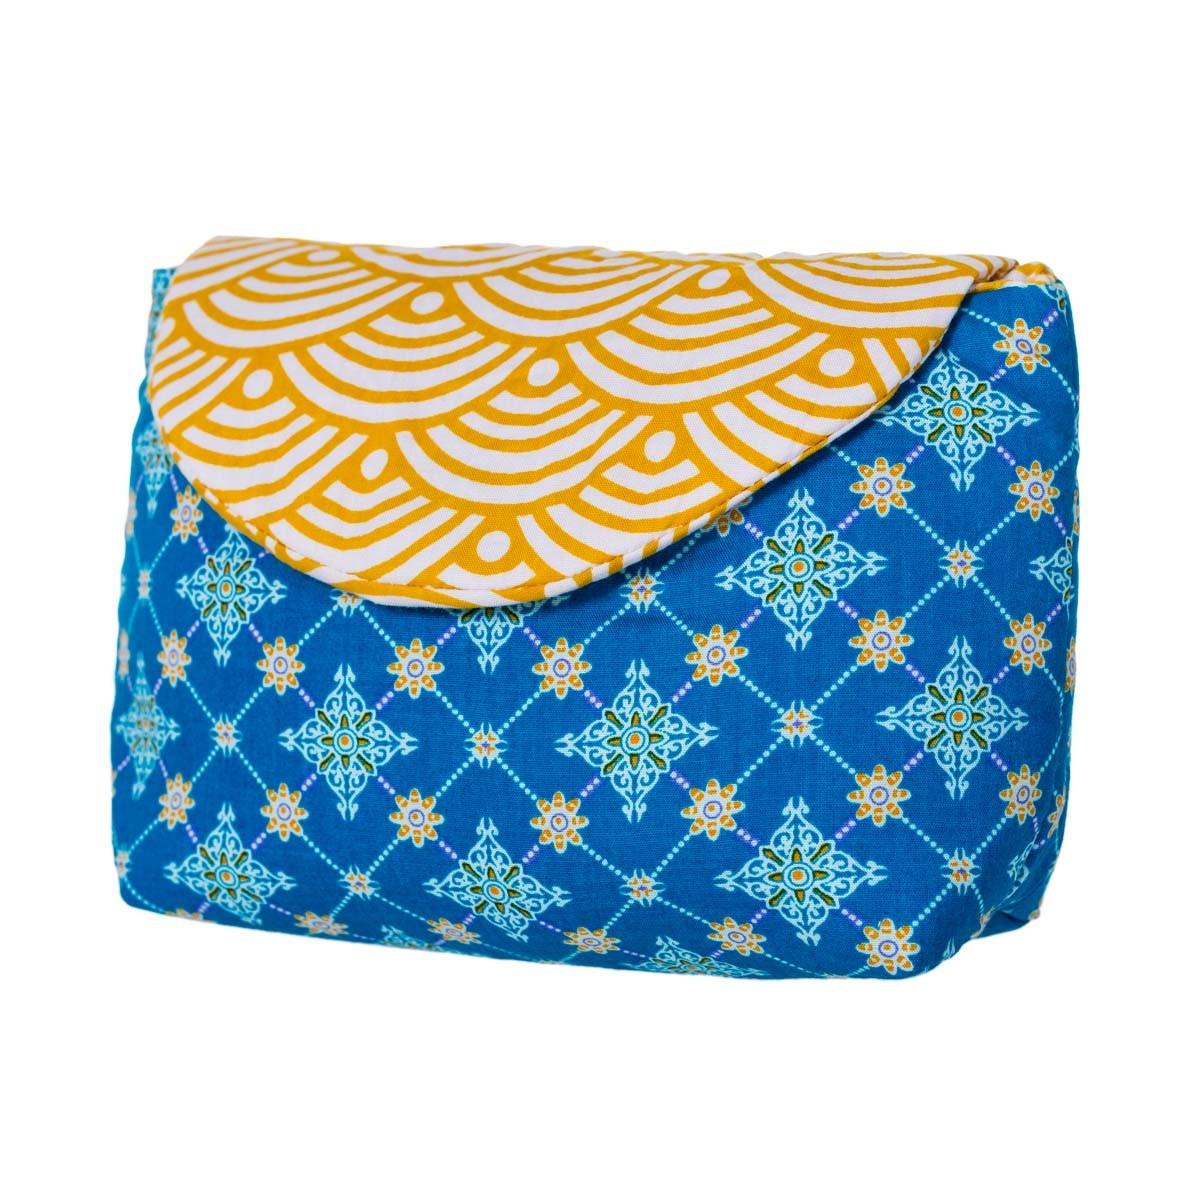 Pochette coton jaune et bleu Najima